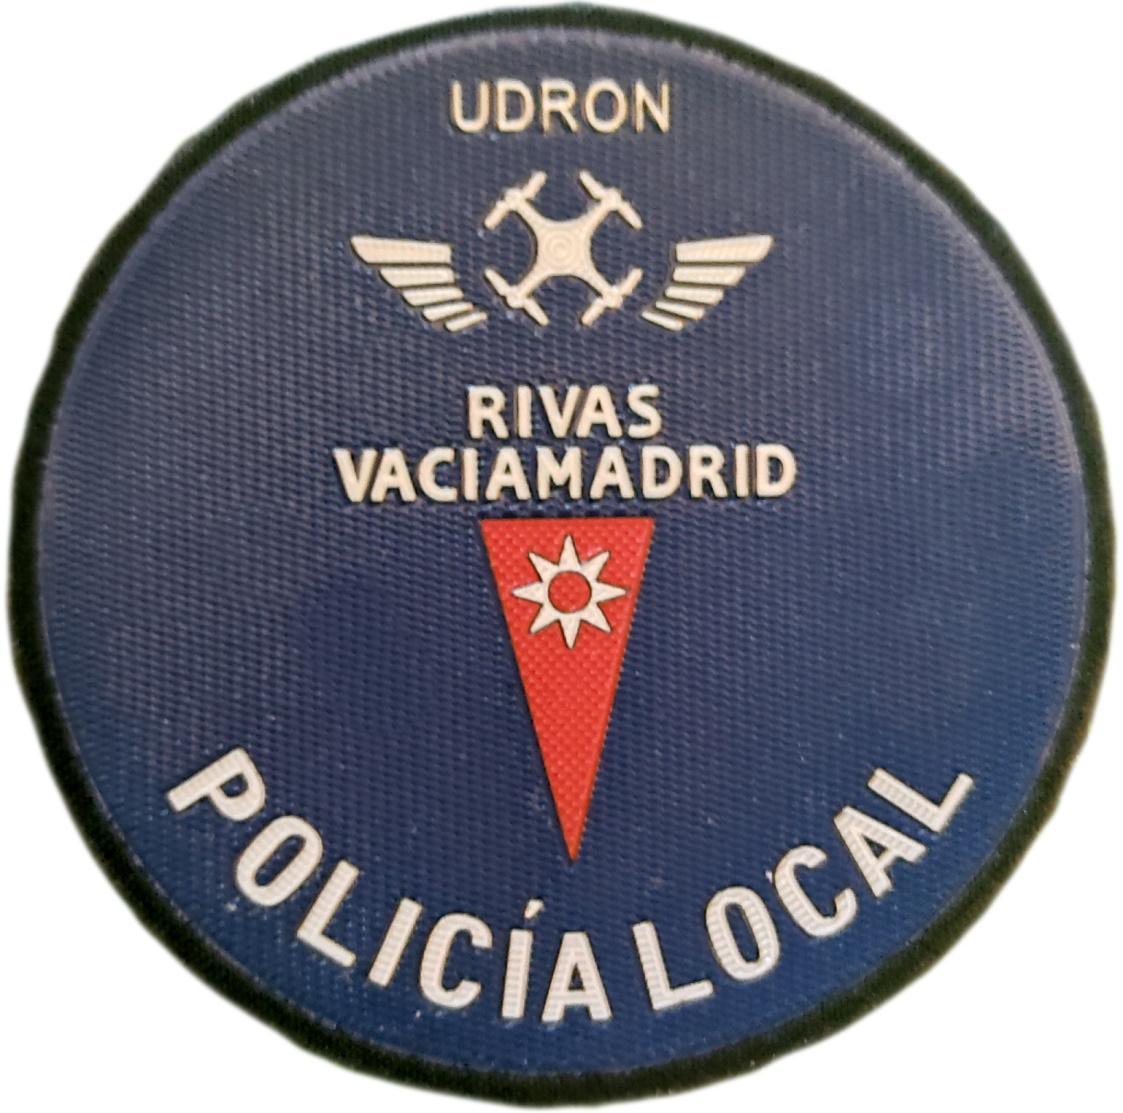 Policía Local Rivas Vaciamadrid Unidad Dron parche insignia emblema distintivo